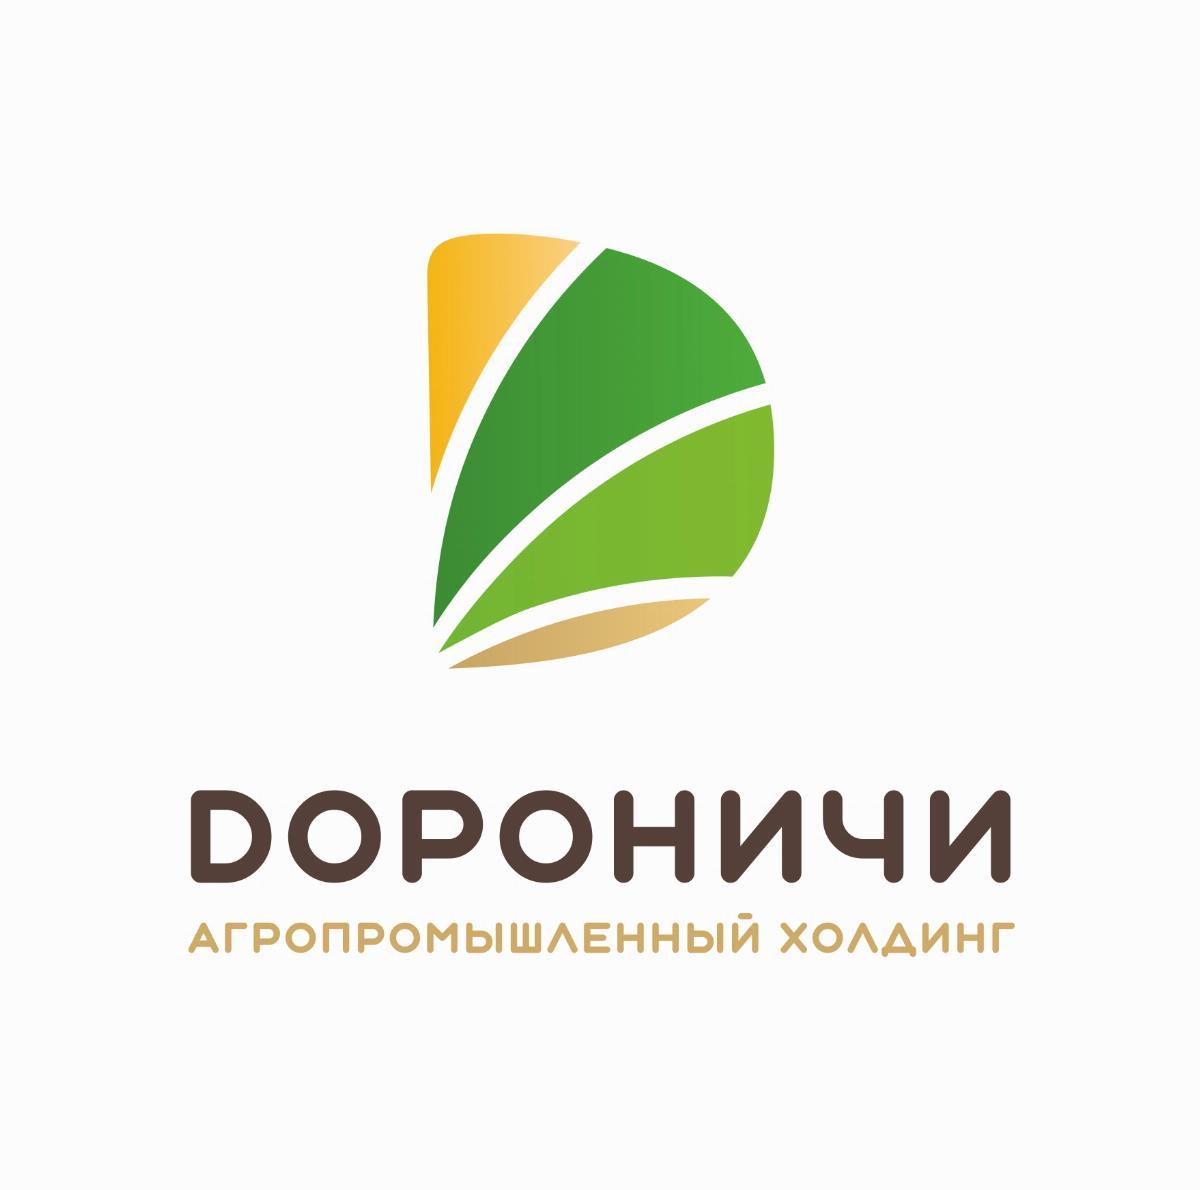 """ООО """"Агропромышленный холдинг """"Дороничи"""""""